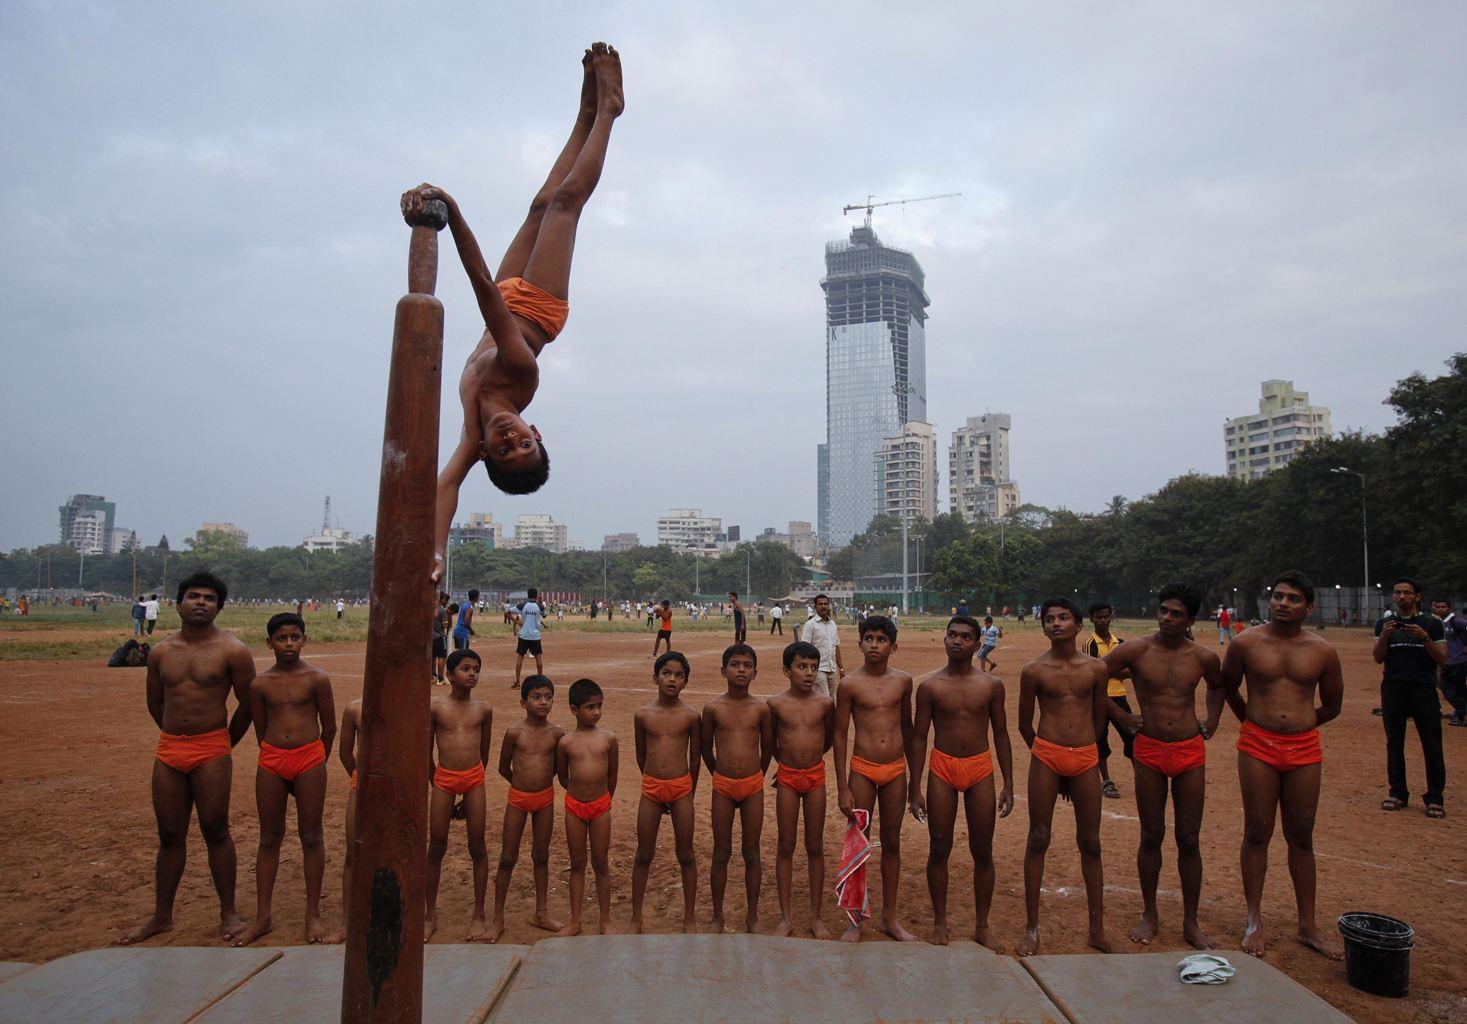 La disciplina del Pole Mallakhamb practicada en la India es exclusivamente masculina.